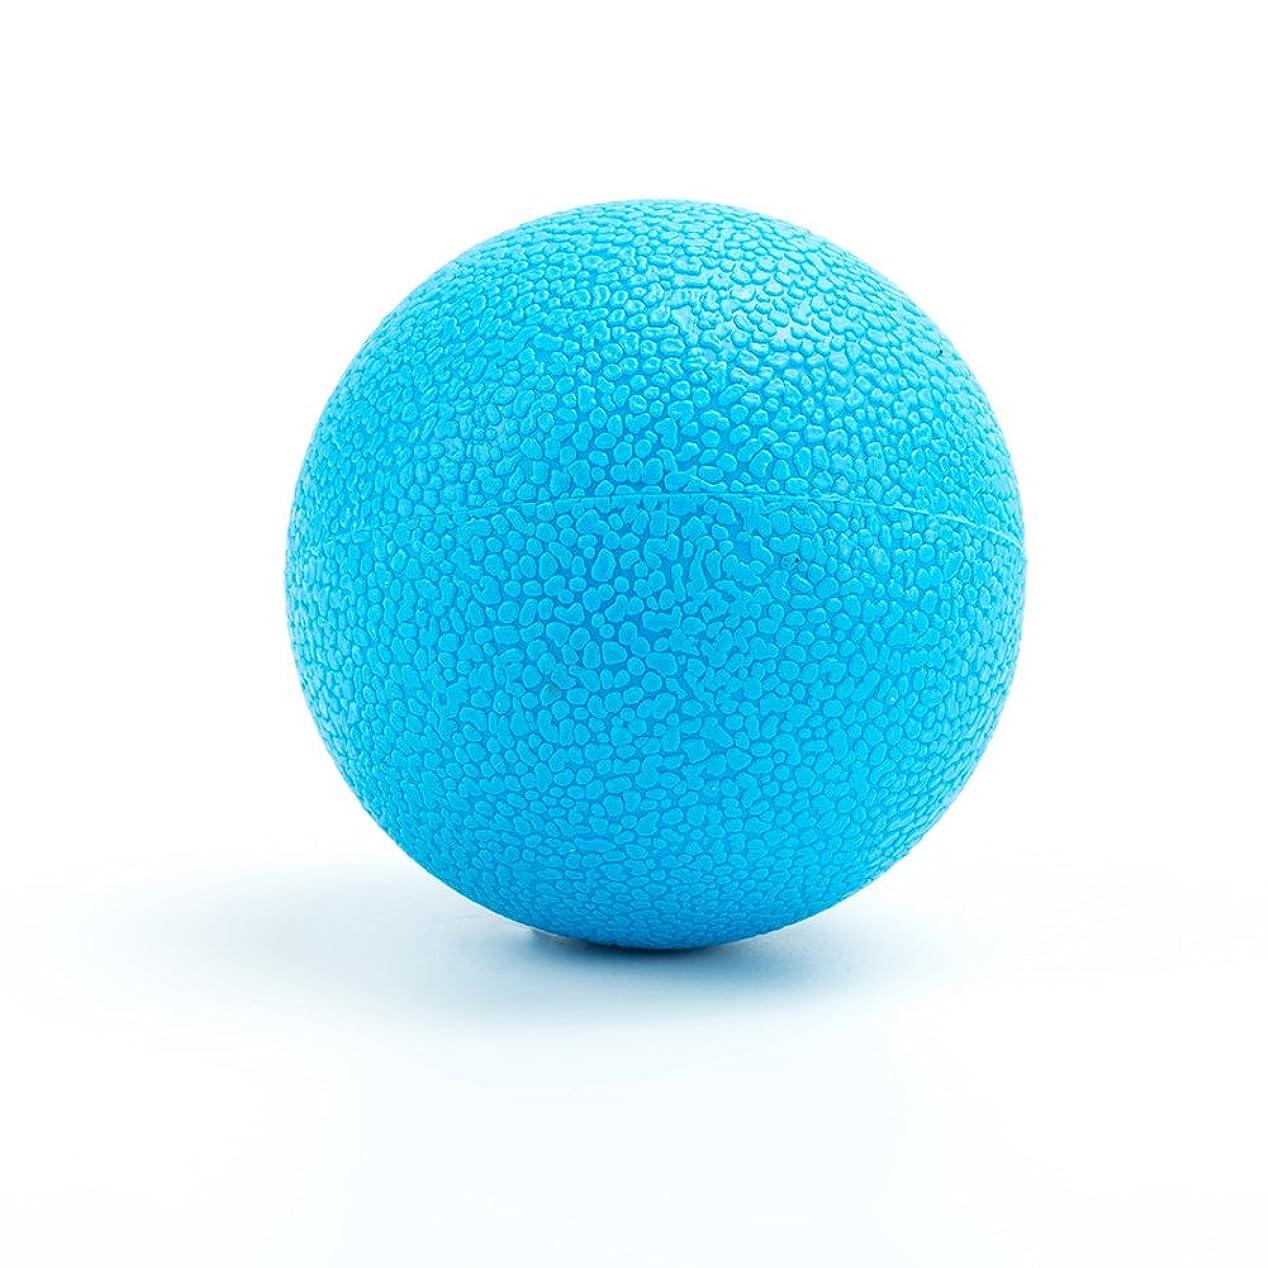 被るゴミ失態Massage Ball マッサージボール 筋膜リリース Yoga Lacrosse Ball 背中 肩こり 腰 ふくらはぎ 足裏 ツボ押しグッズ